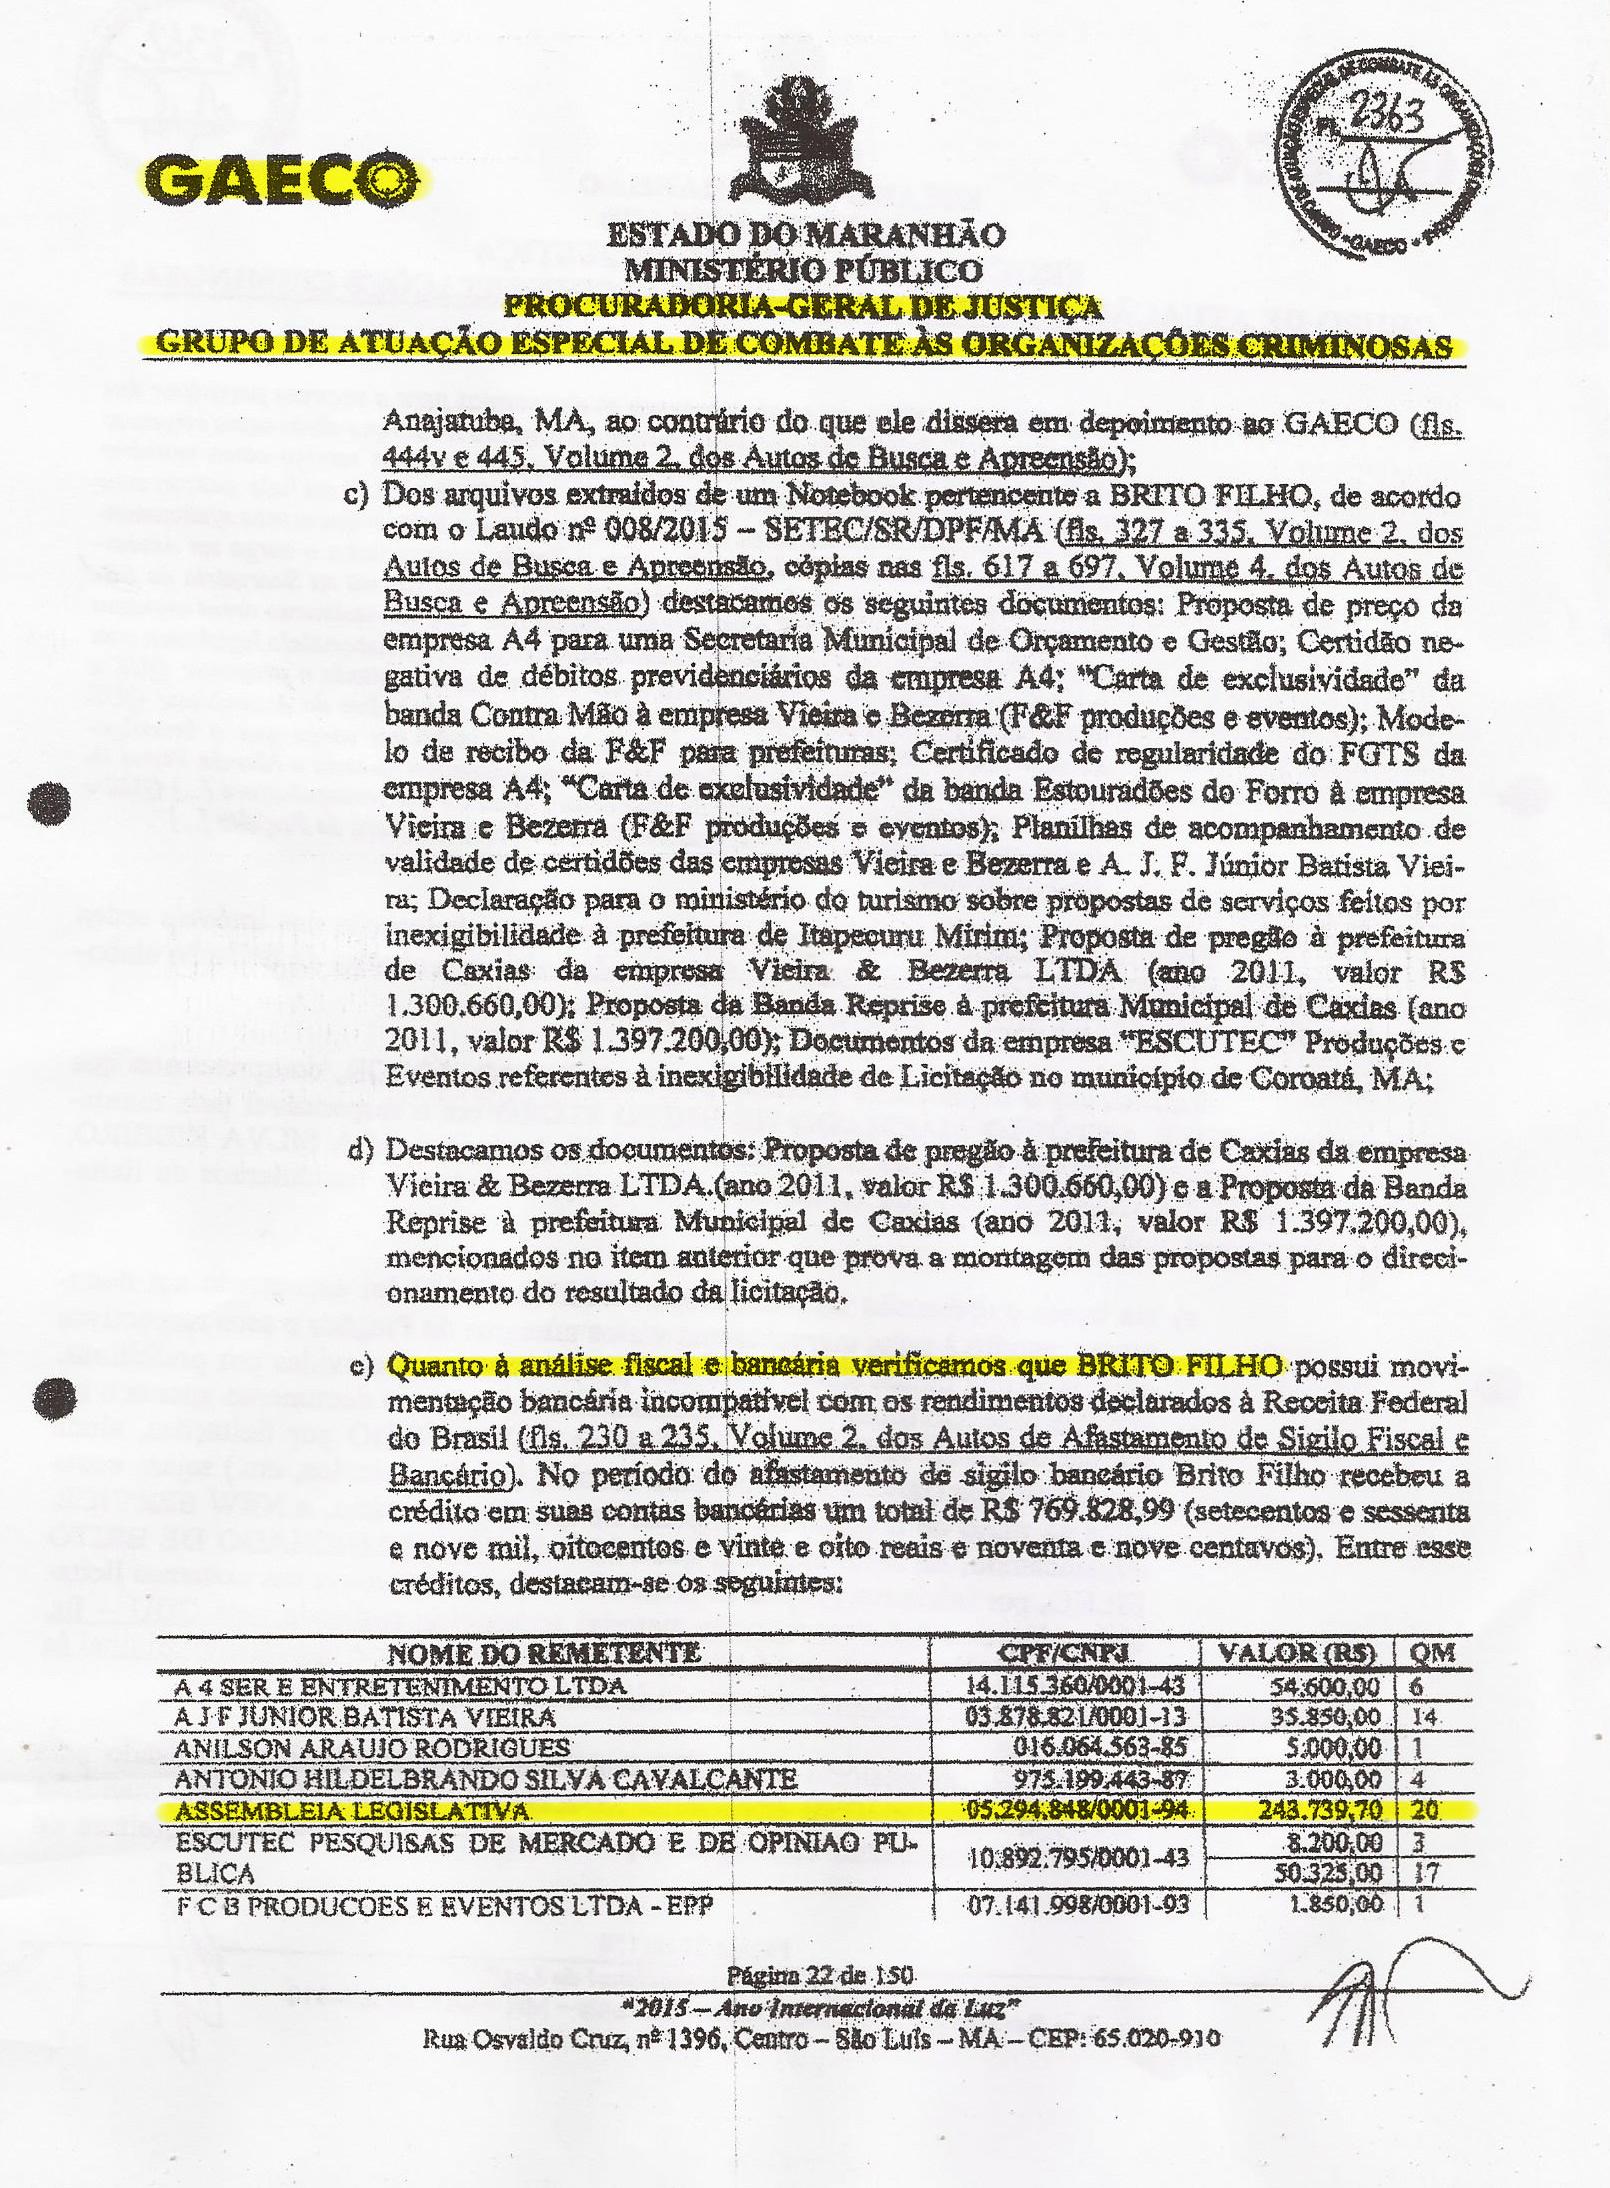 Trecho do PIC-Gaeco que mostra o valor embolsado pelo funcionário fantasma, entre os anos de 2011 e 2014, enquanto sinecurado no gabinete de Eduardo Braide